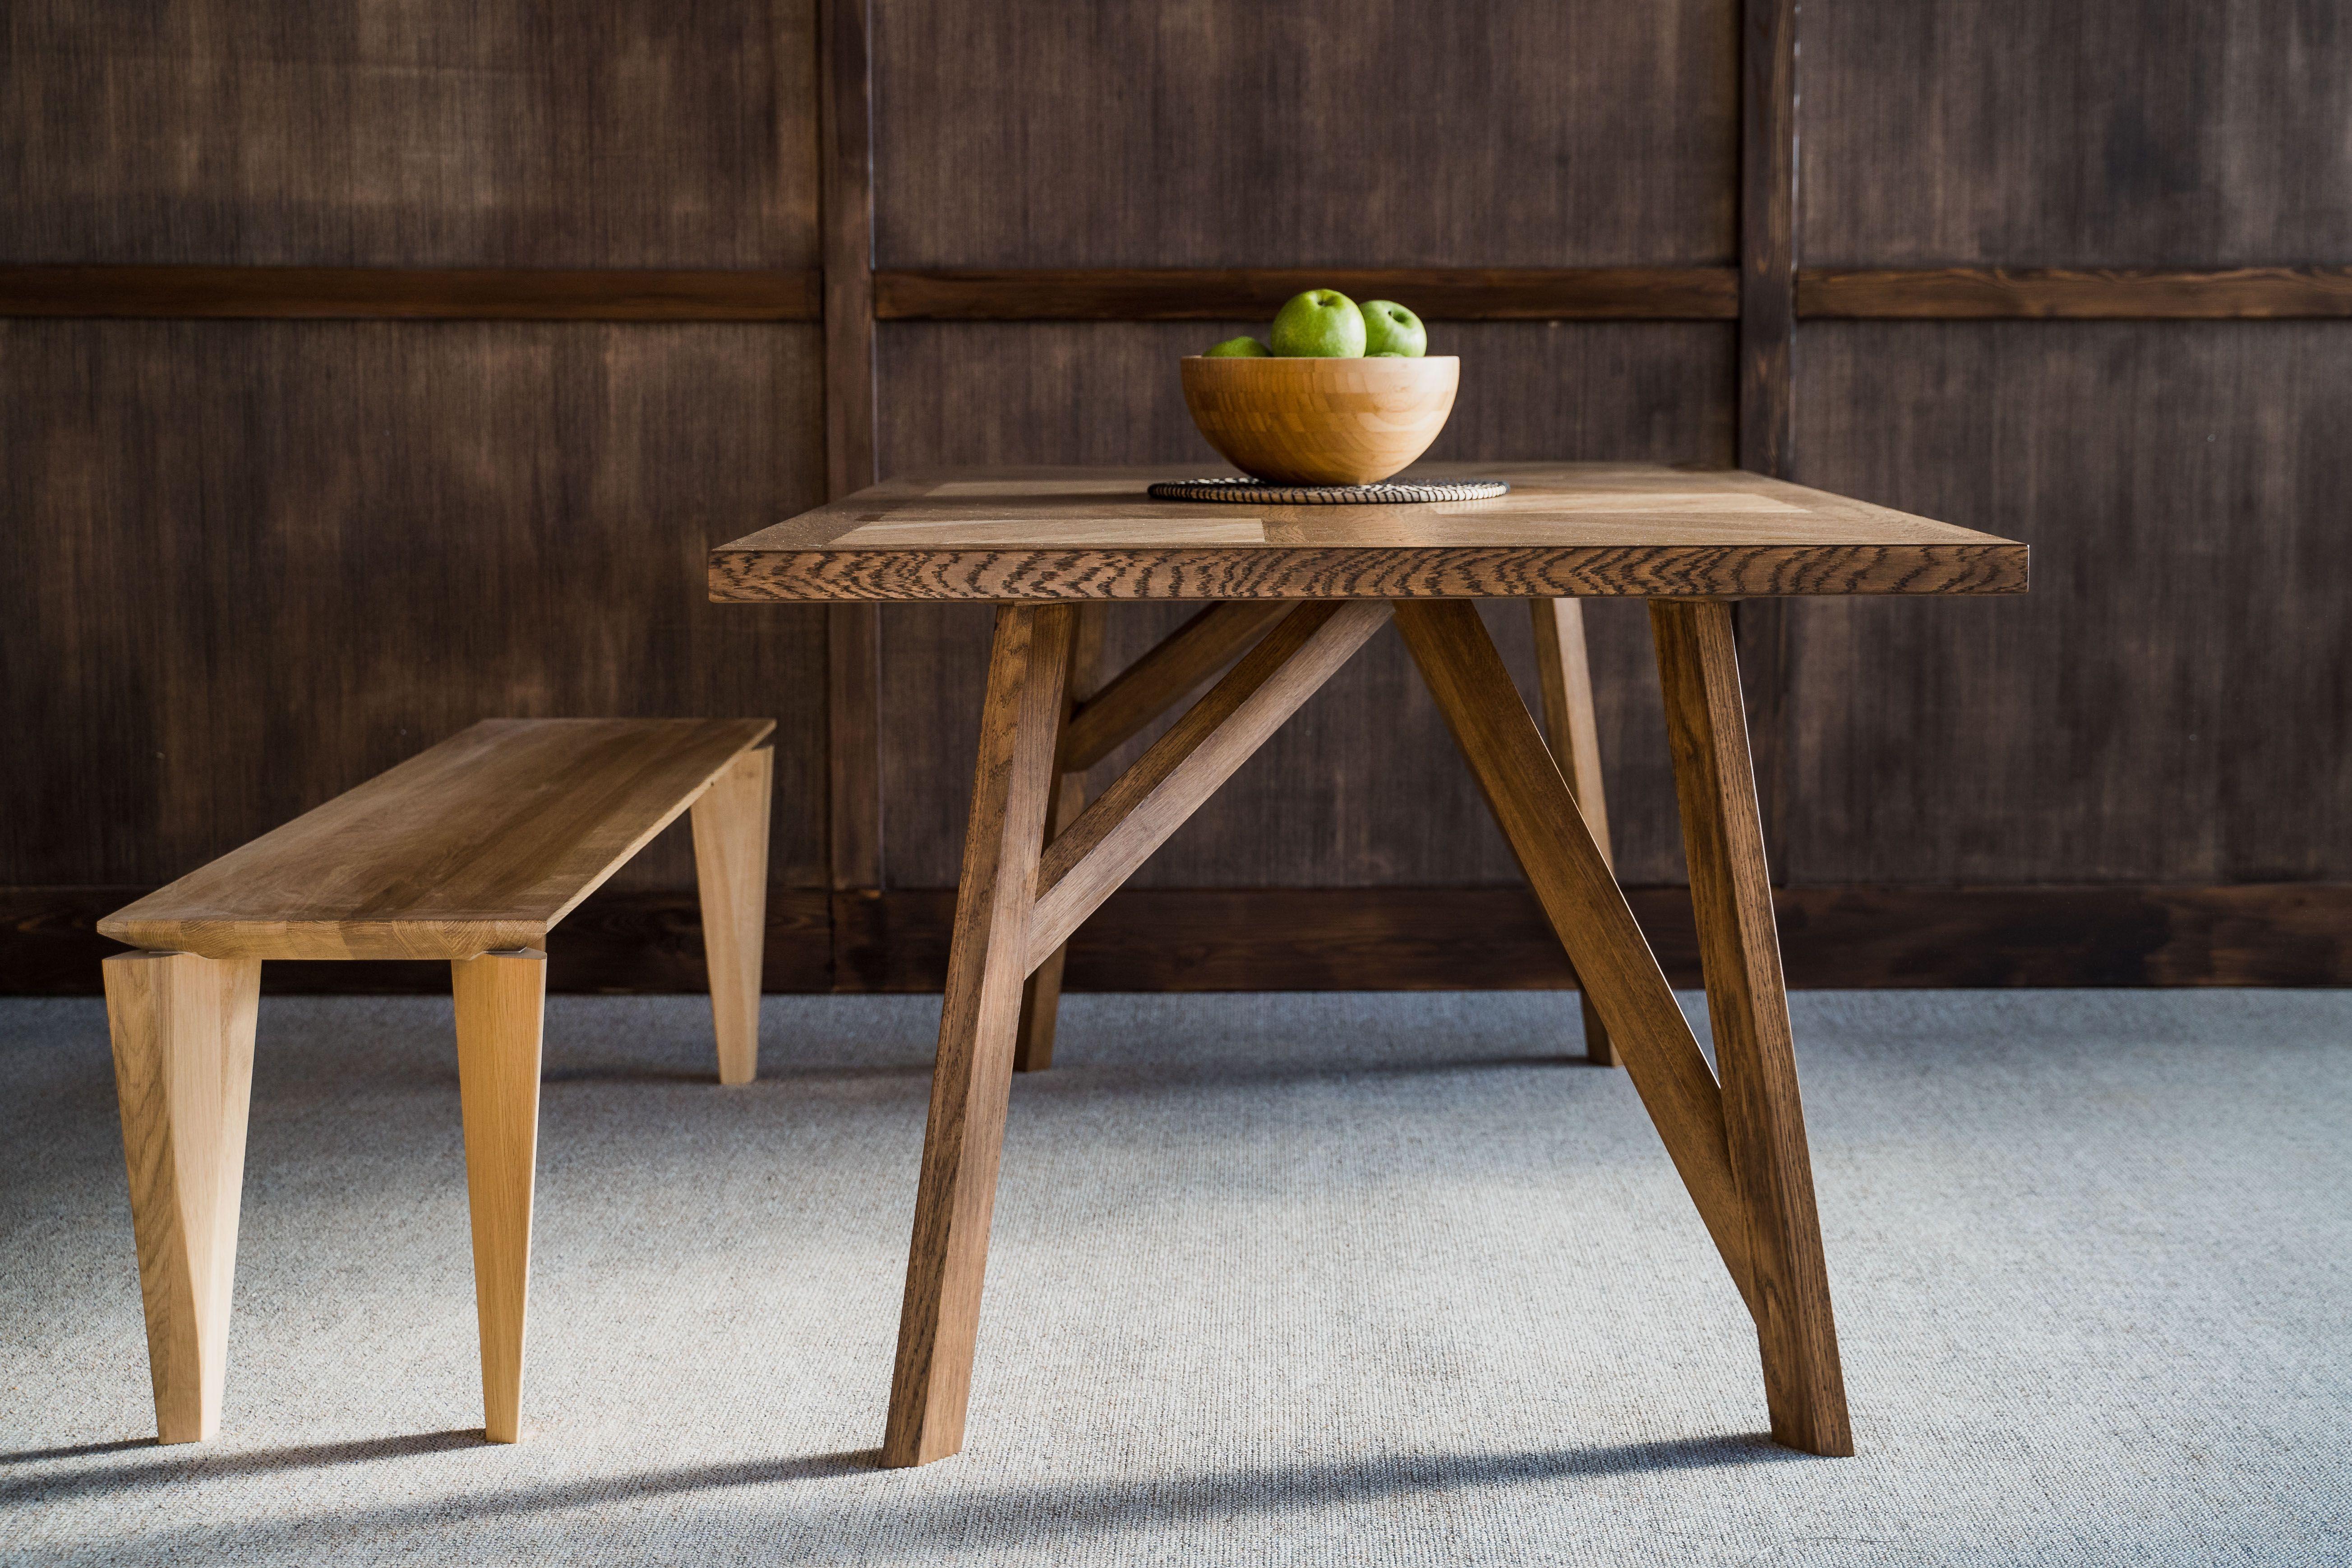 Farmhouse Dining Table Oak Dining Table Modern Large Wood Etsy In 2020 Farmhouse Dining Table Oak Dining Table Modern Dining Table [ 3476 x 5214 Pixel ]